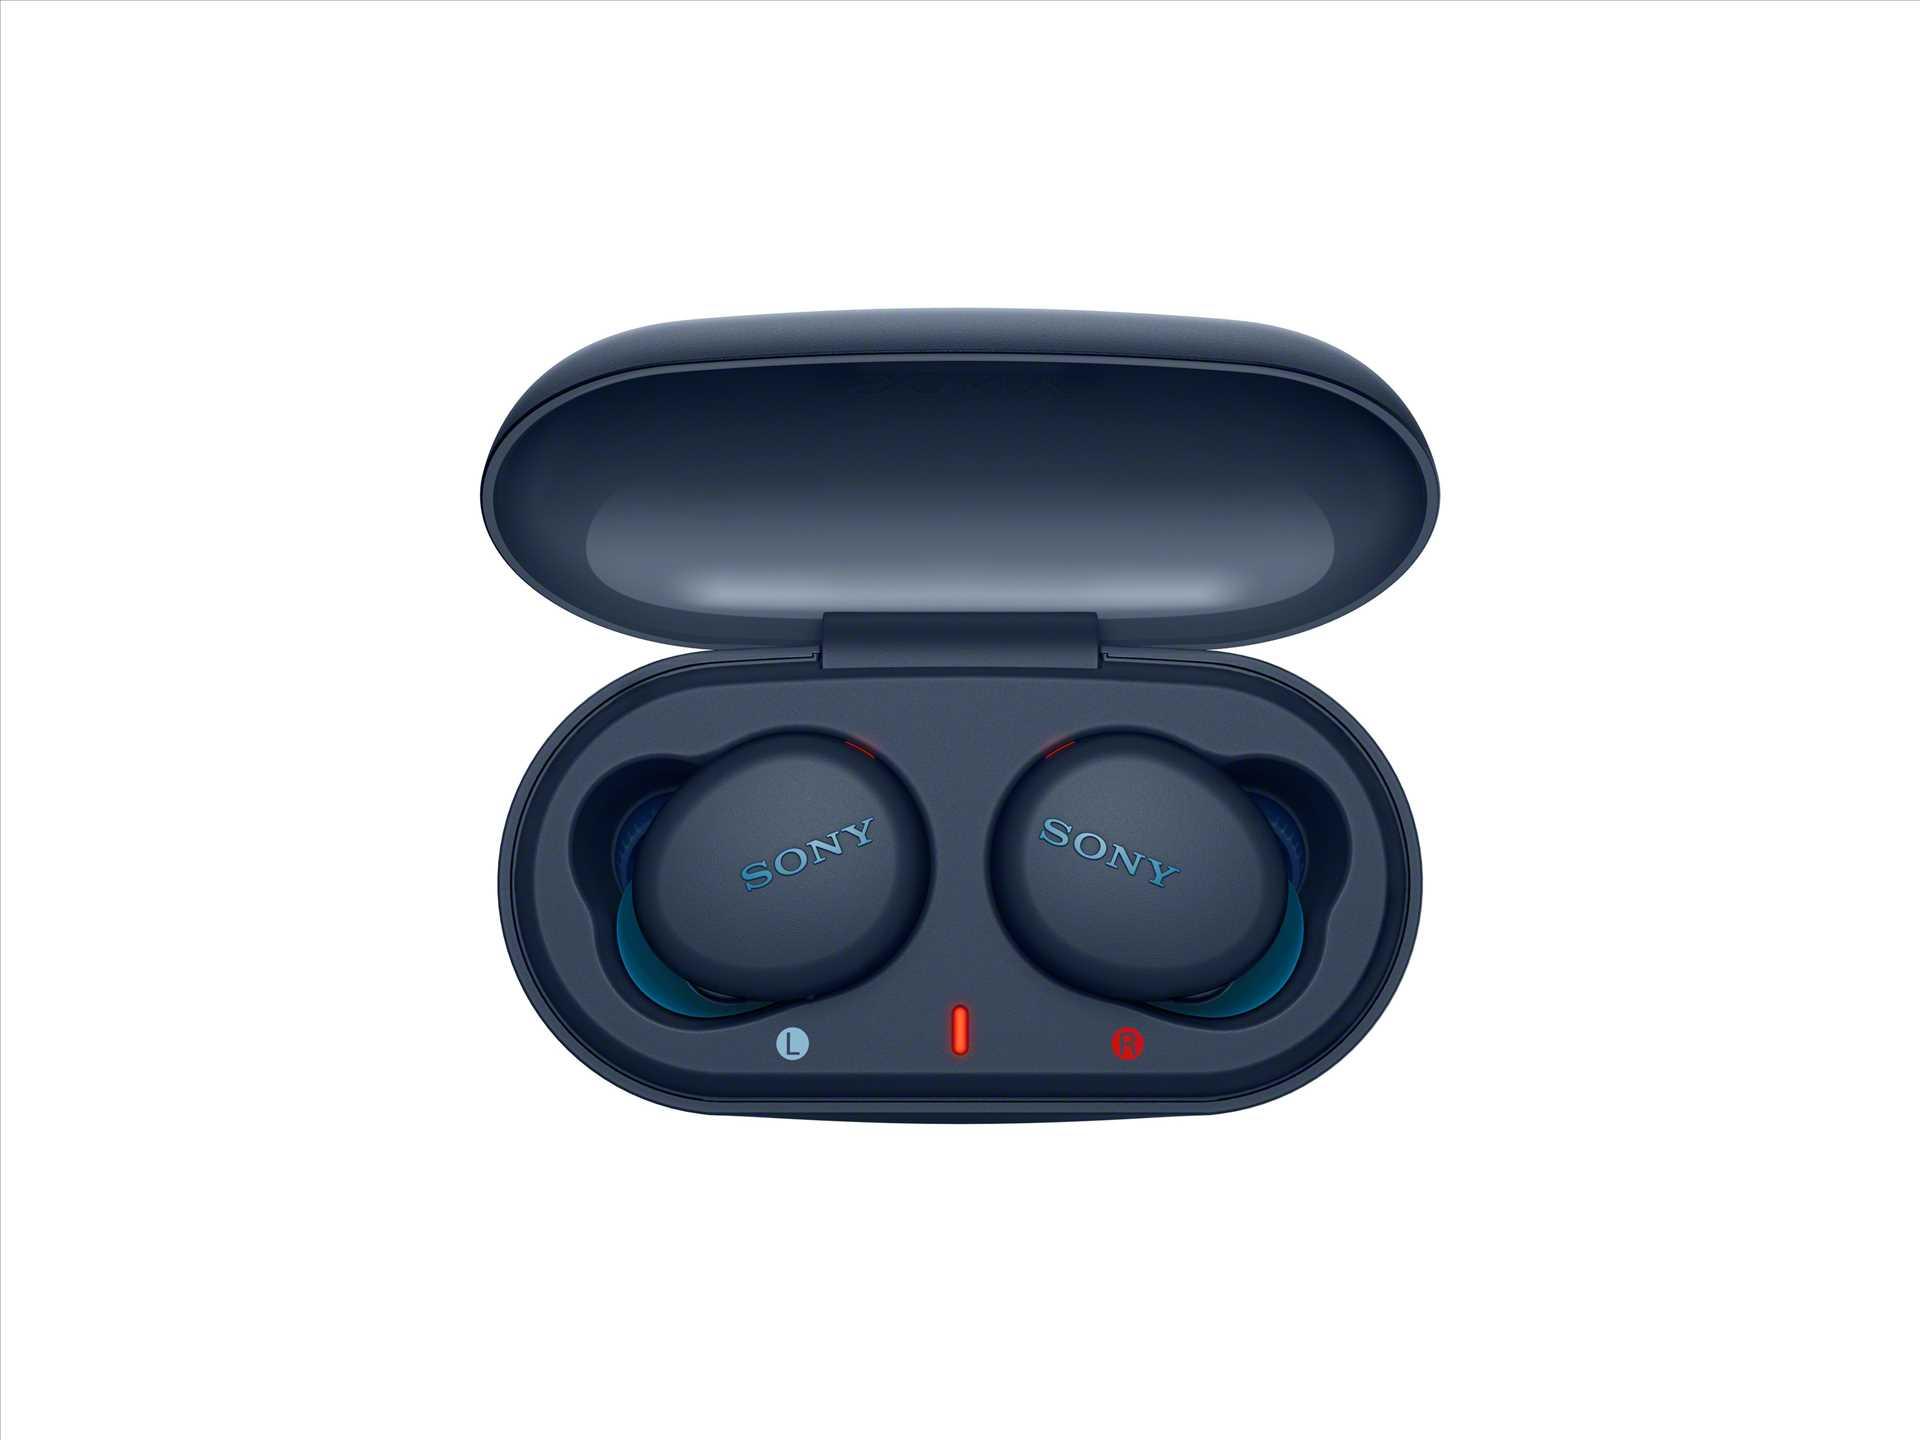 אוזניות Sony WF-XB700L True Wireless סוני כחולות - תמונה 5